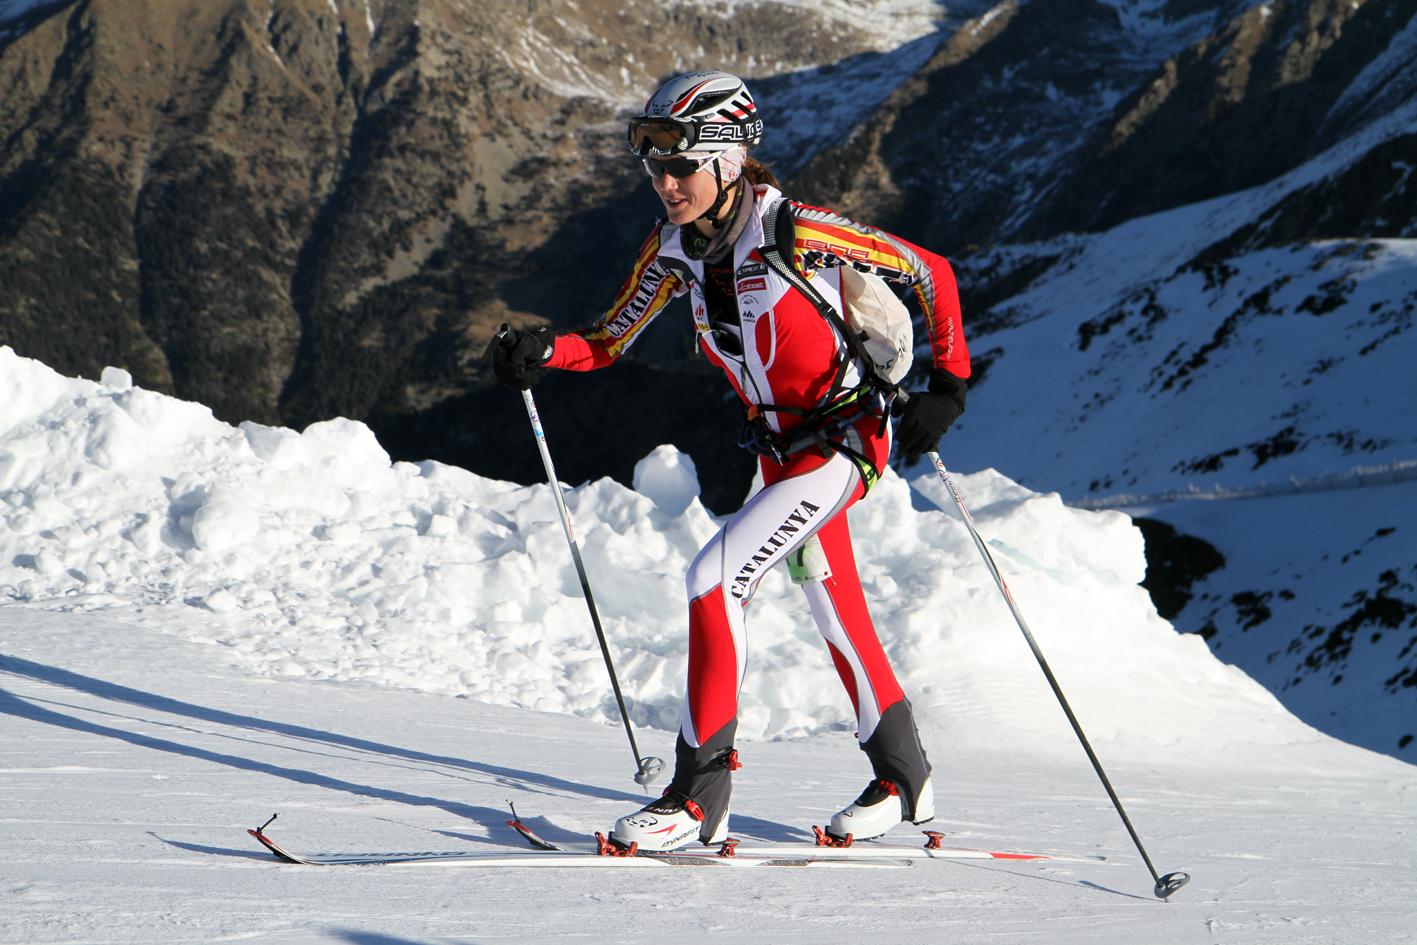 deportes como ski o alpinismo